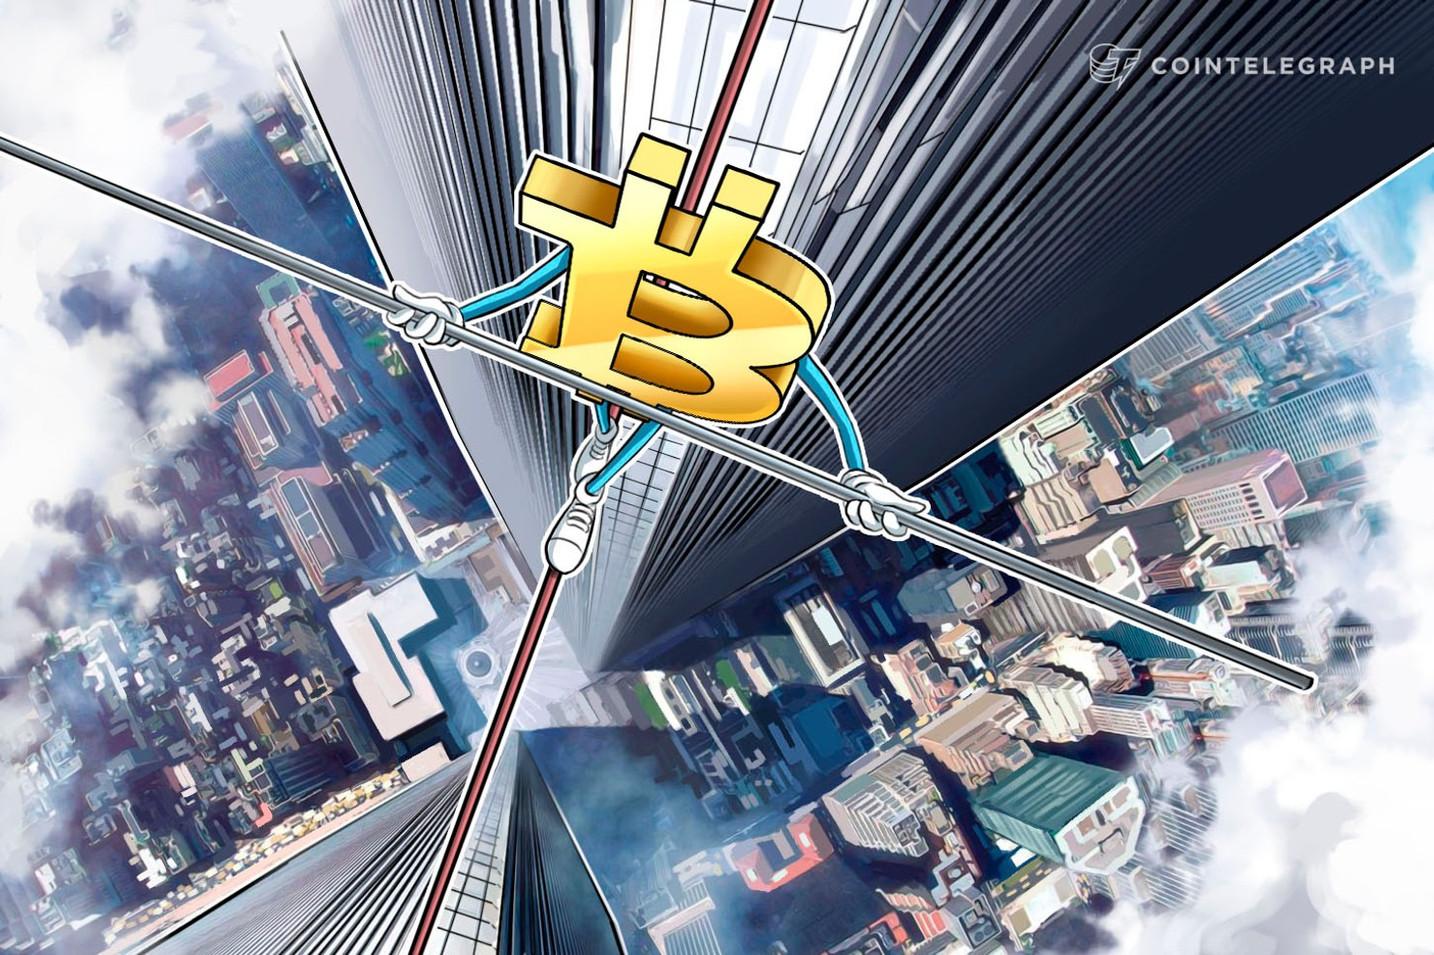 RSIでダブルボトム形成、仮想通貨ビットコインは短期的に上昇か